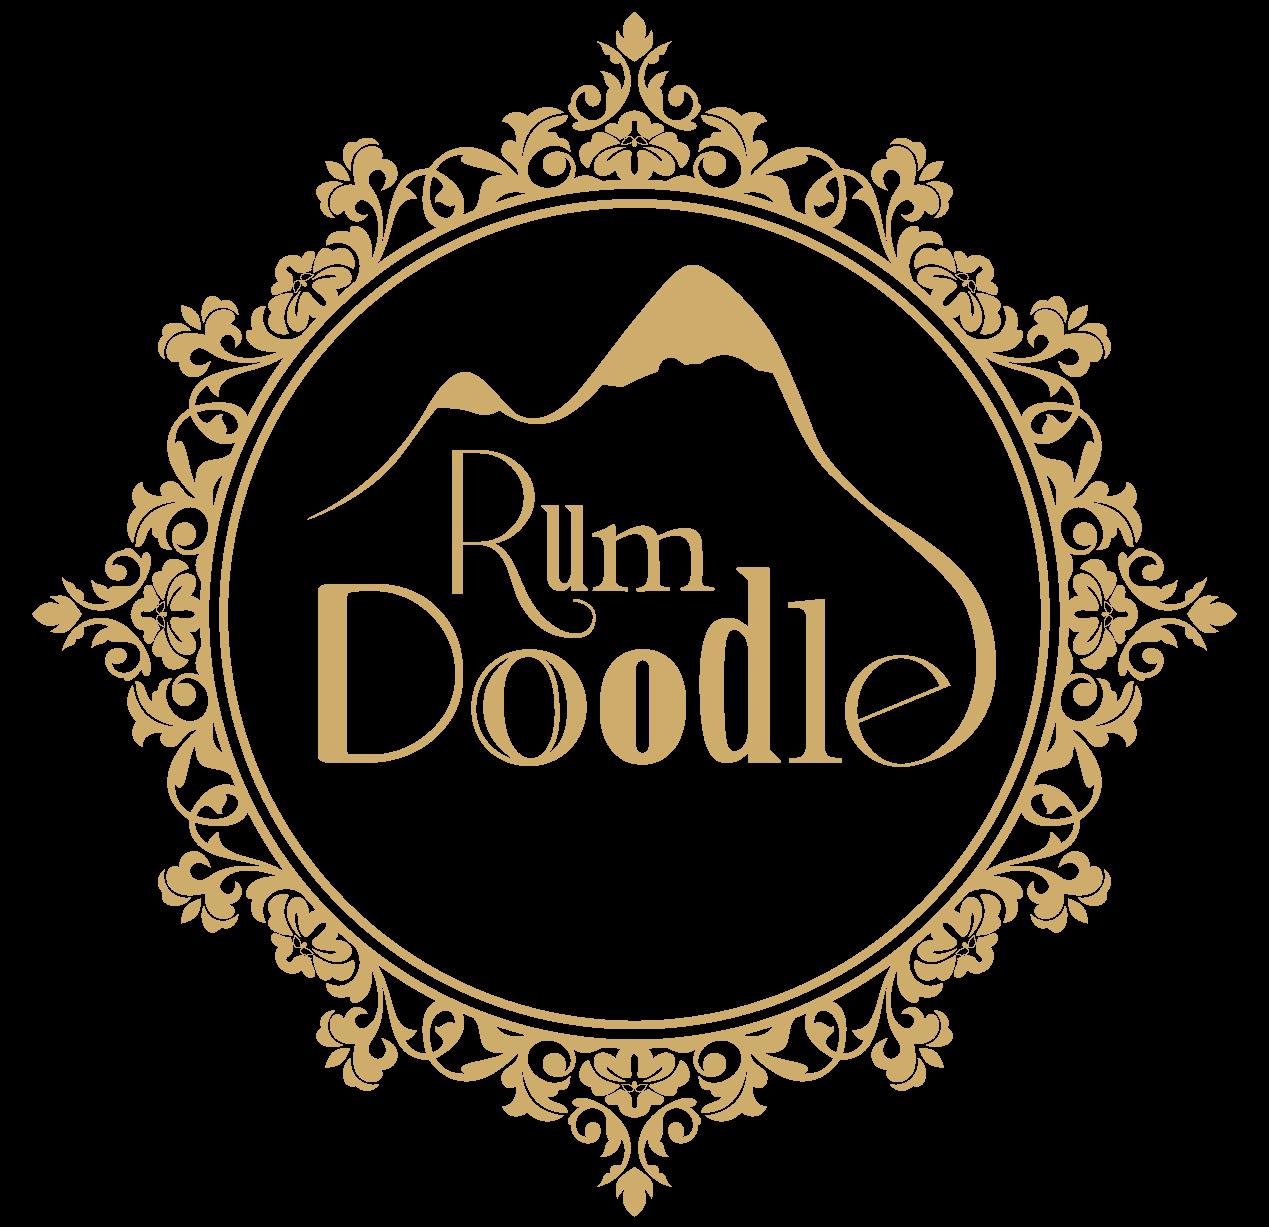 Rum Doodle Windermere